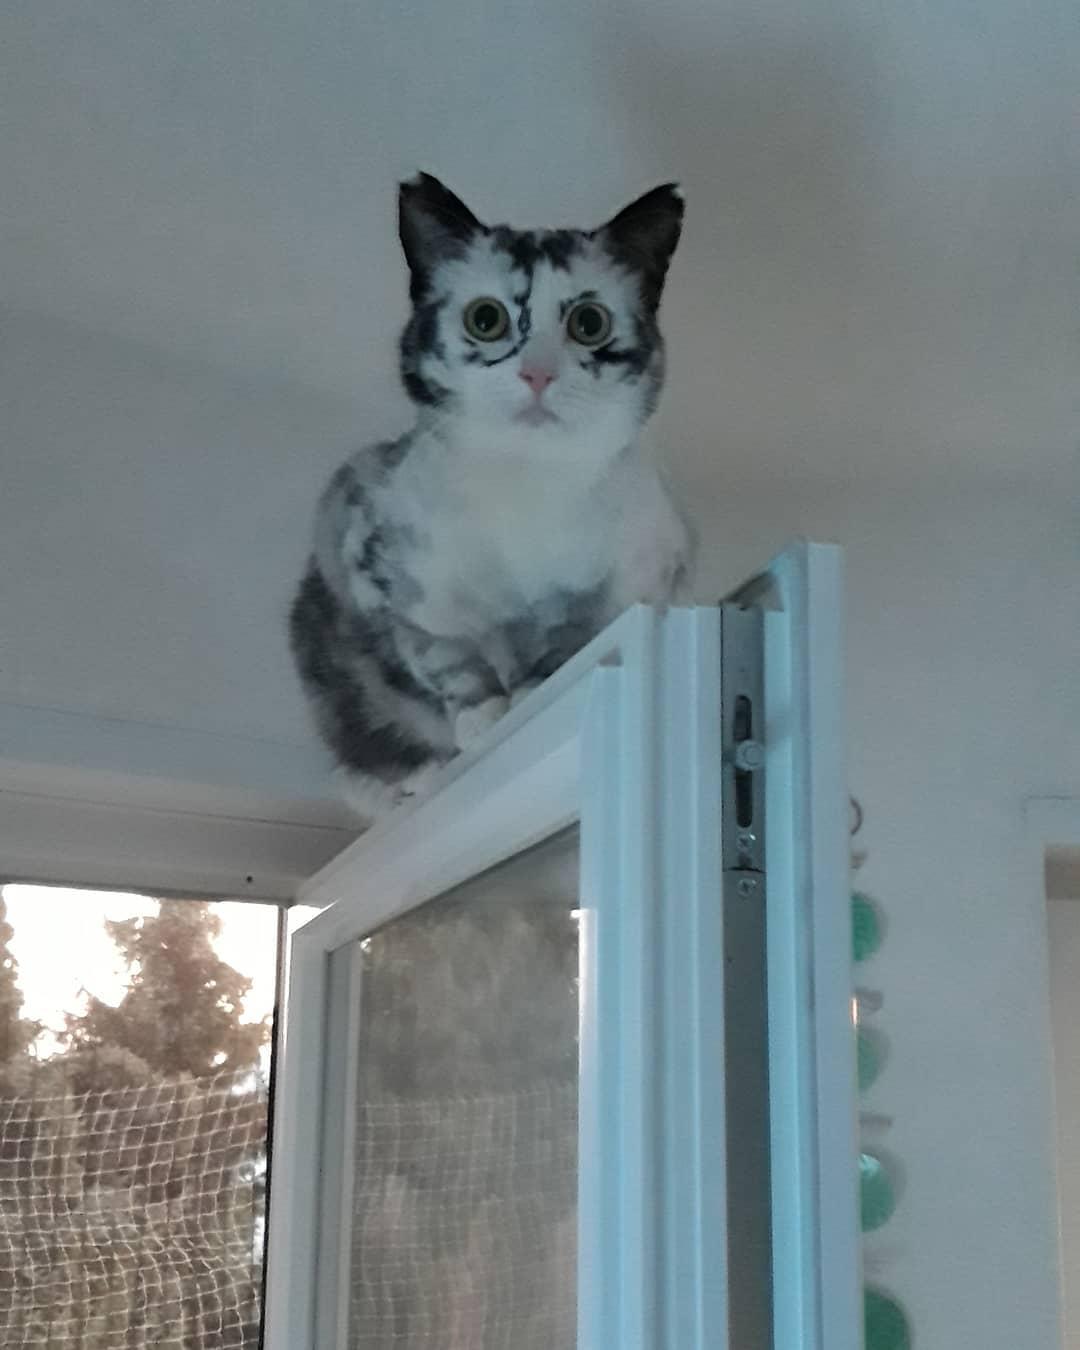 50767927 372553593583039 7851774774062190689 n - Немка нашла двух чёрно-белых кошек и взяла их себе. Но через пару месяцев одна из них начала белеть